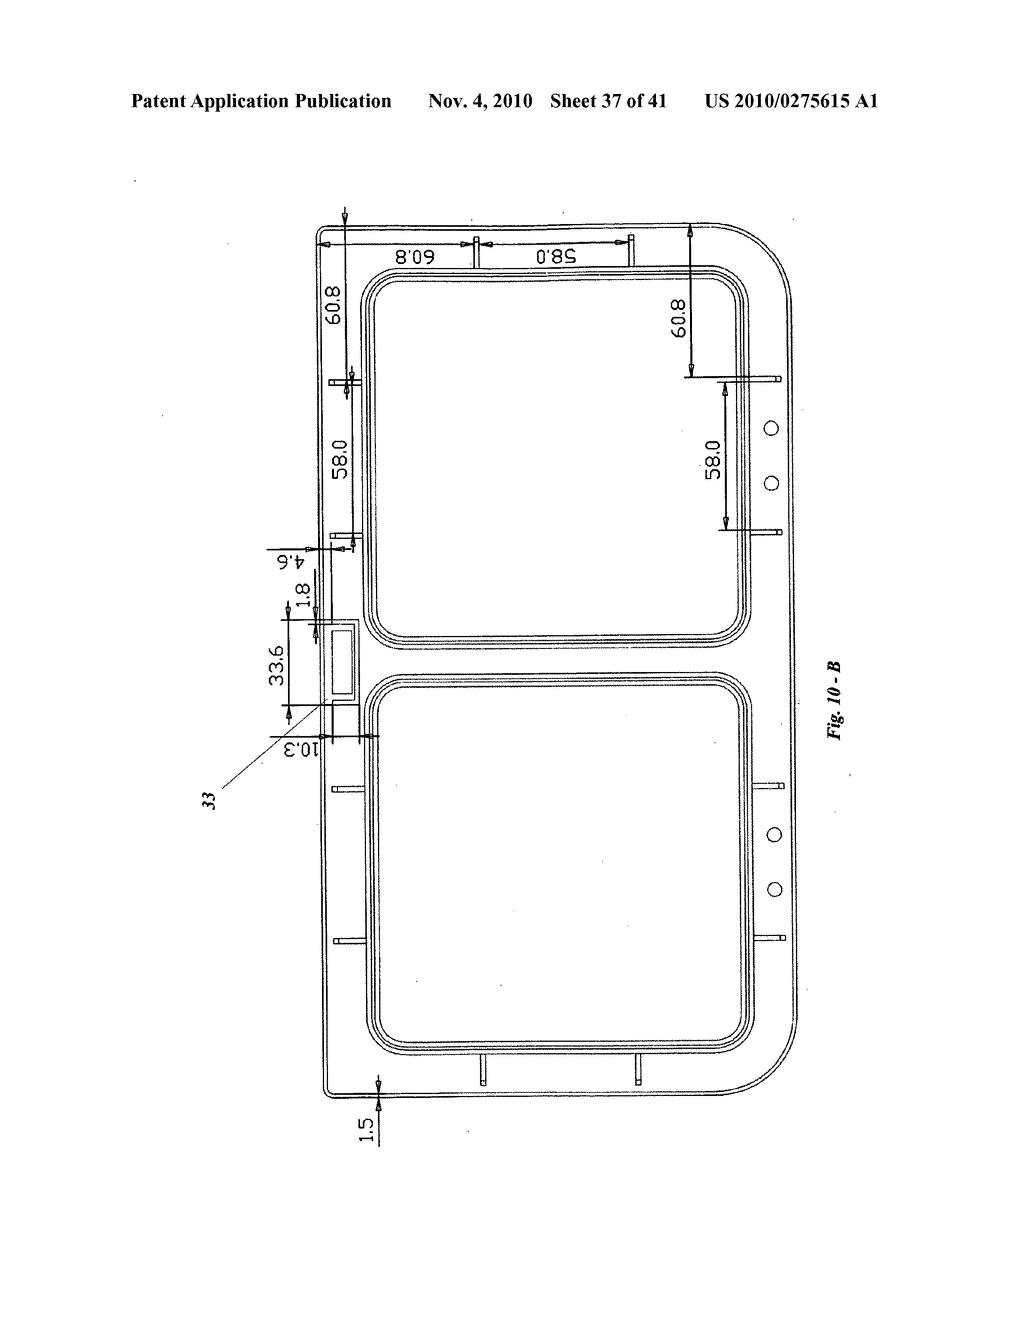 Lunch Box Diagram Electrical Work Wiring Diagram \u2022 Ford F-150 Manual  1981 Ford F 150 Fuse Box Diagram